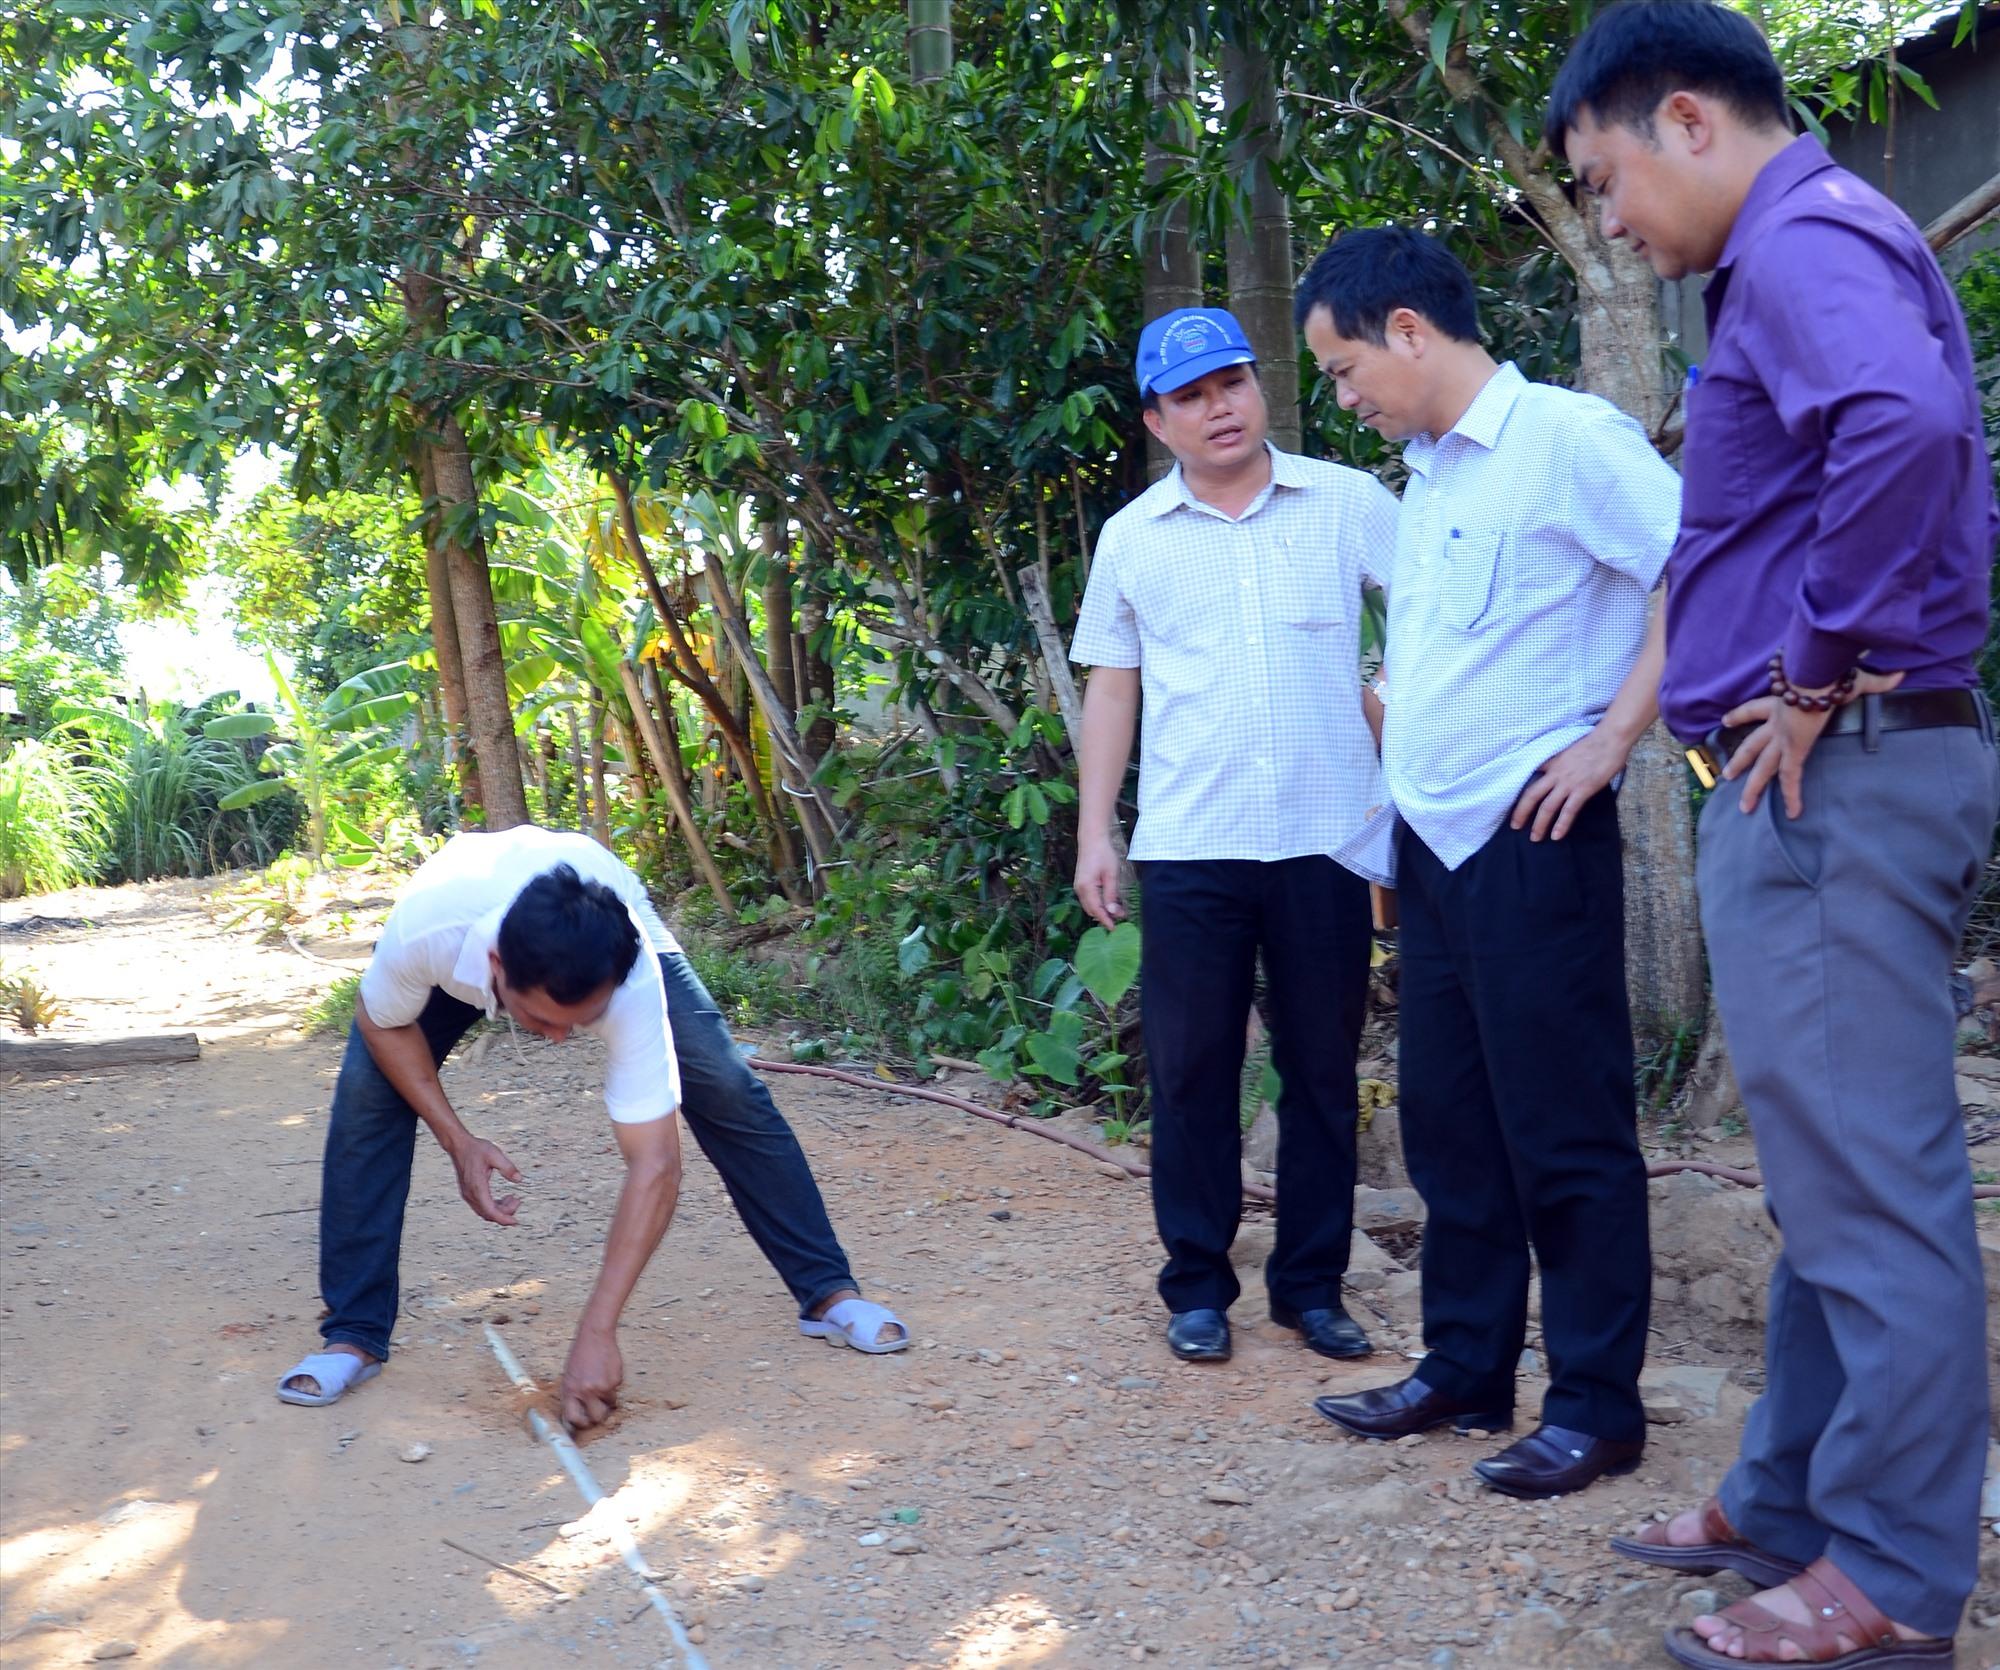 Nước sạch ở miền núi trở thành chuyện bức xúc dai dẳng. TRONG ẢNH: Đường ống dẫn nước bị hư hỏng tại làng tái định cư thuộc xã Phước Hòa (Phước Sơn). Ảnh: H.P